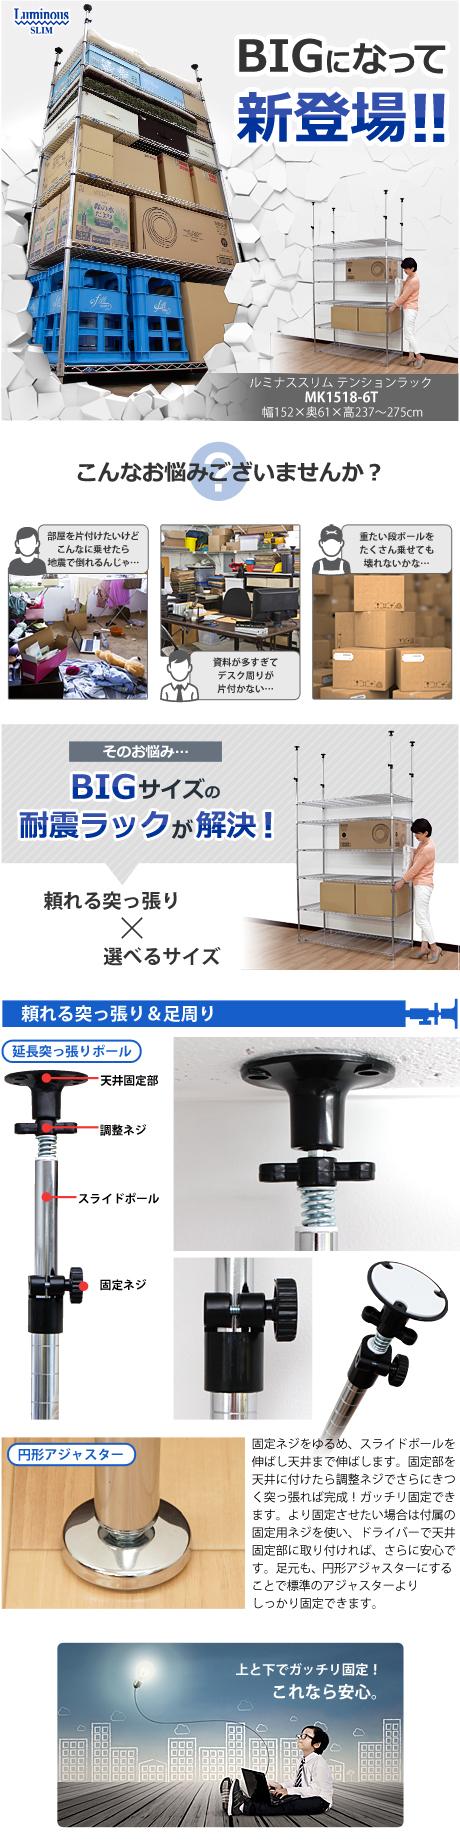 BIGになって新登場!!mk1518-6t